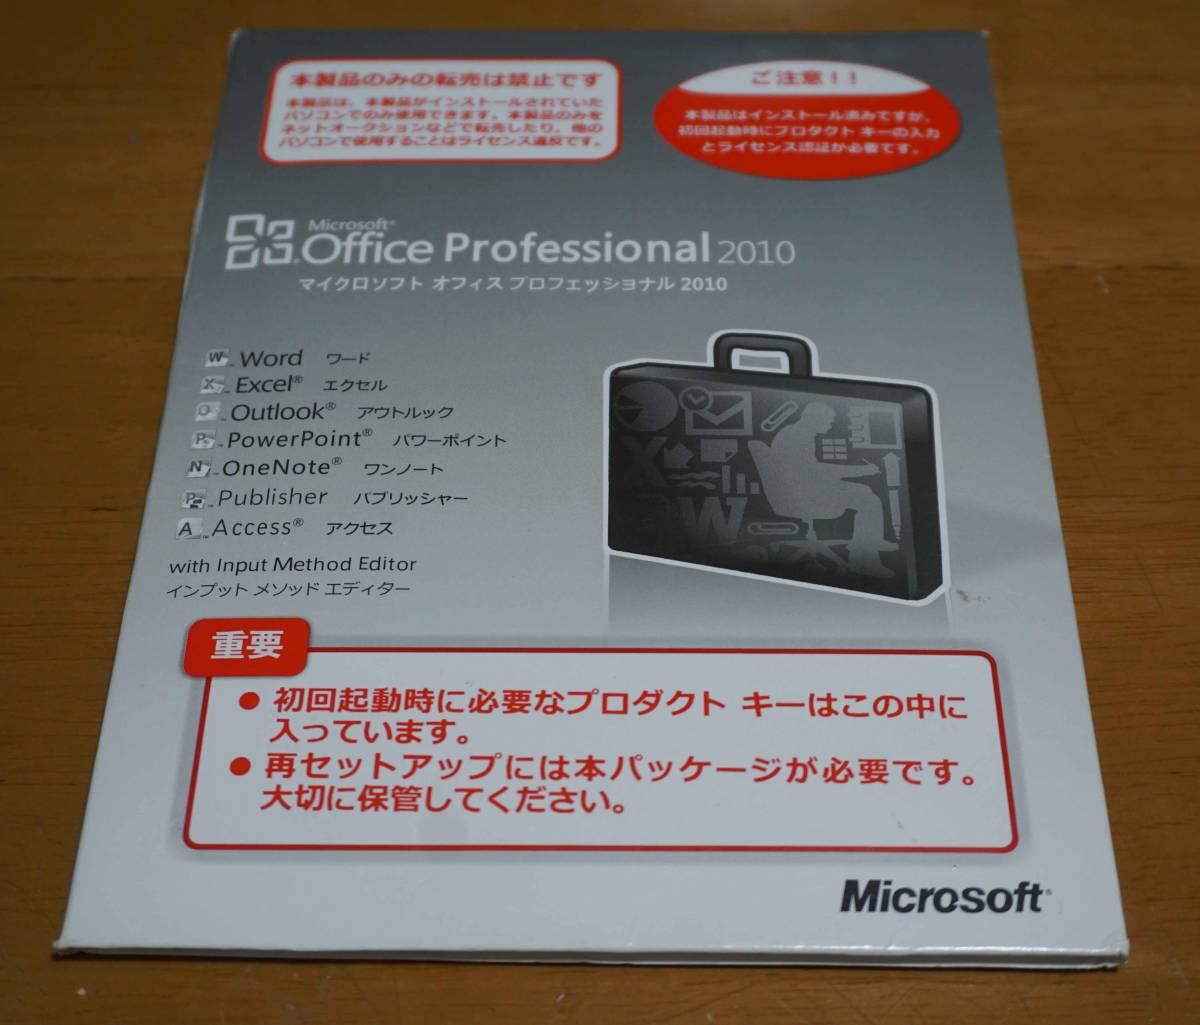 正規品 Office Professional 2010 開封品 ジャンク扱い